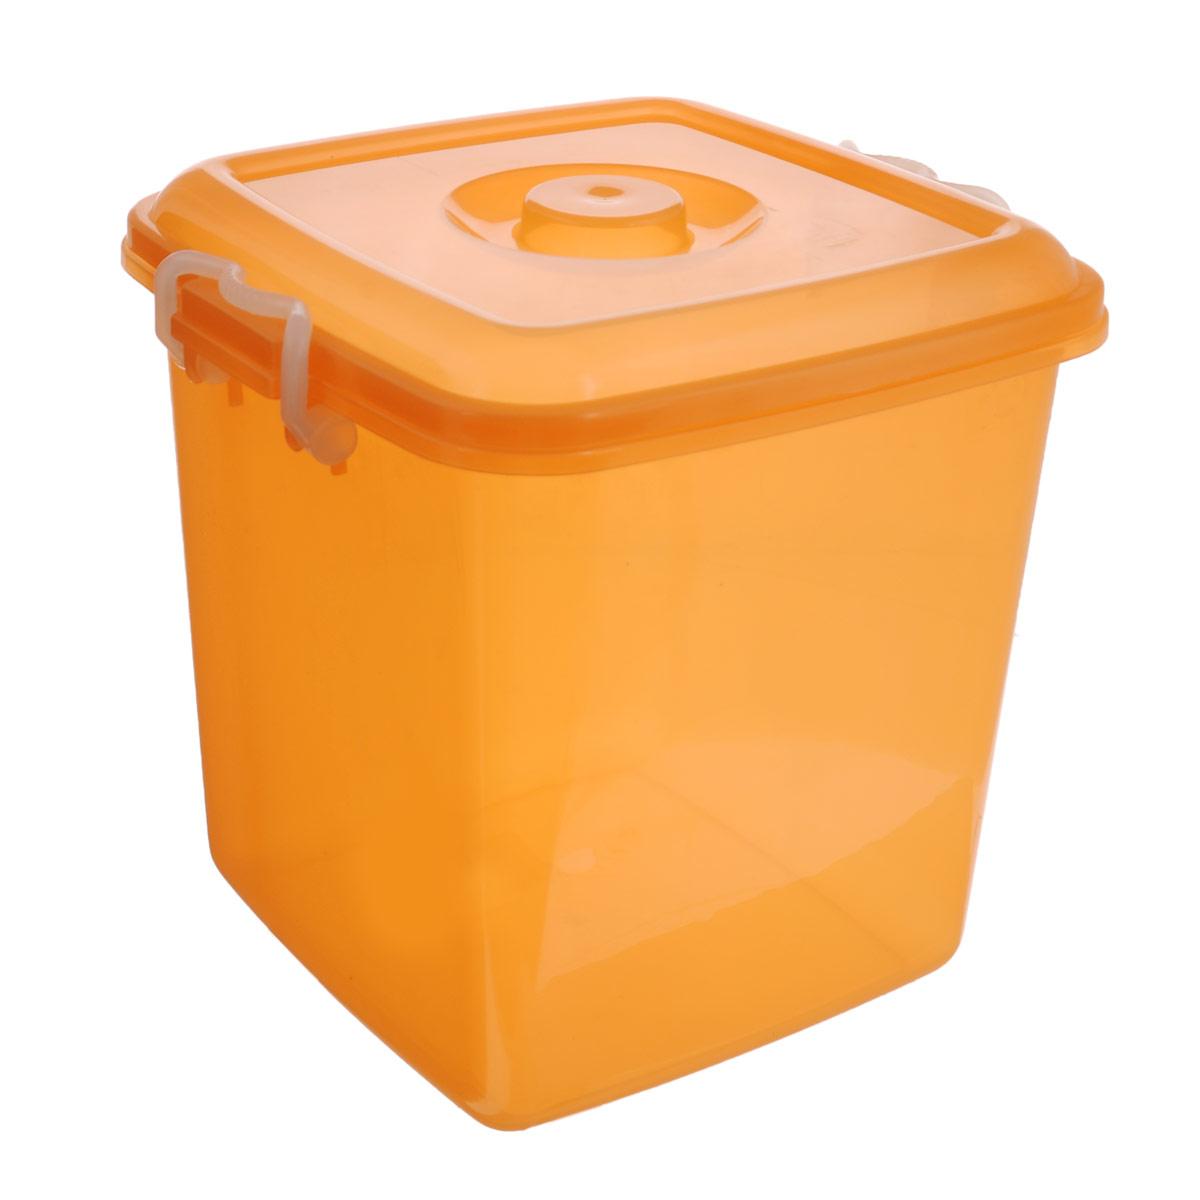 Контейнер для хранения Idea Океаник, цвет: оранжевый, 20 лМ 2858Контейнер Idea Океаник выполнен из высококачественного полипропилена, предназначен для хранения различных вещей. Контейнер снабжен эргономичной плотно закрывающейся крышкой со специальными боковыми фиксаторами. Объем контейнера: 20 л.